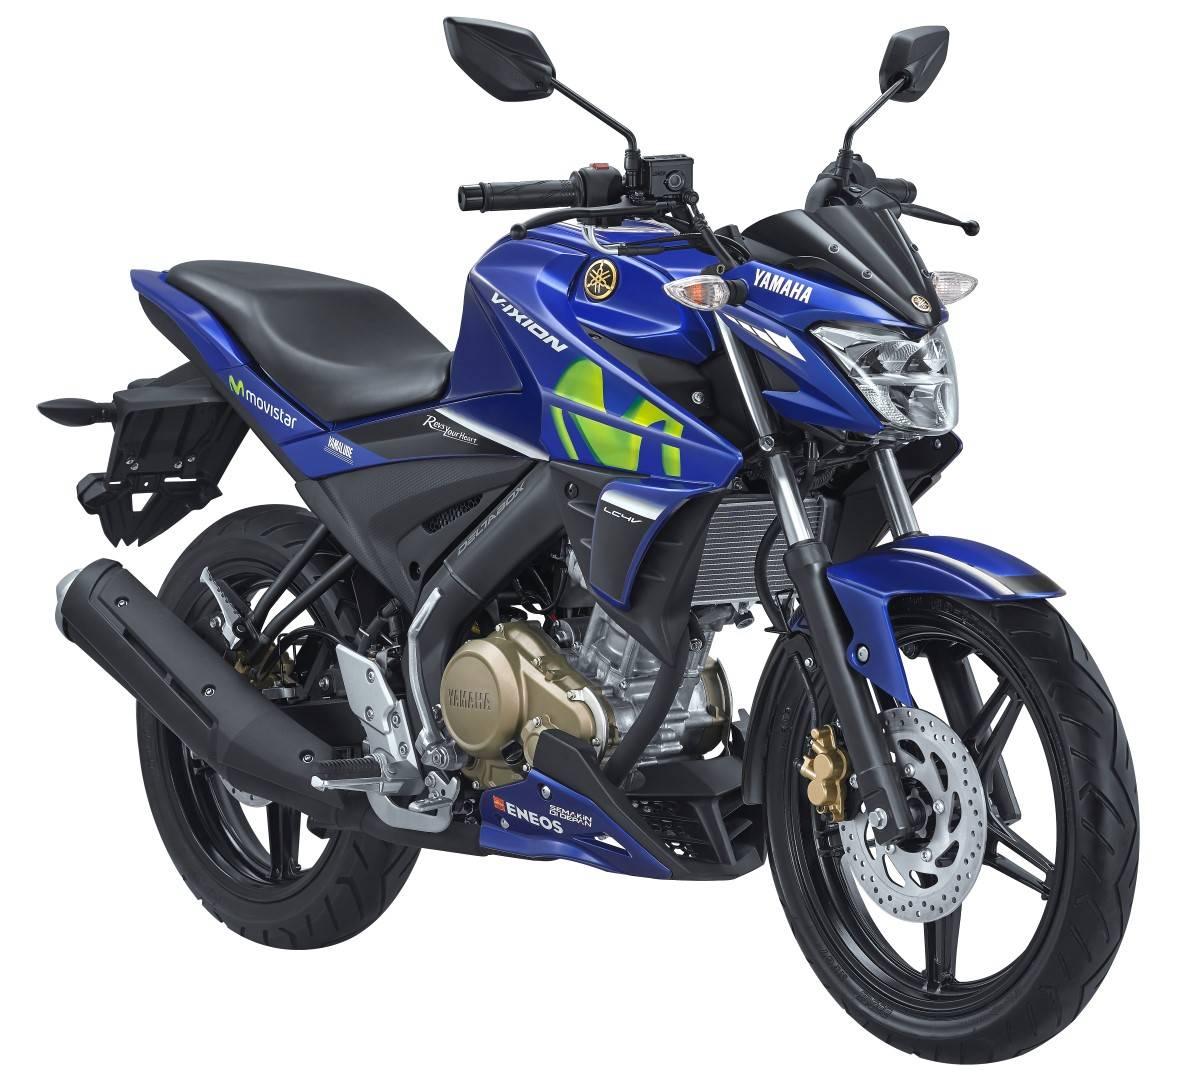 Yamaha Vixion Lightning Motogp Livery - YouTube